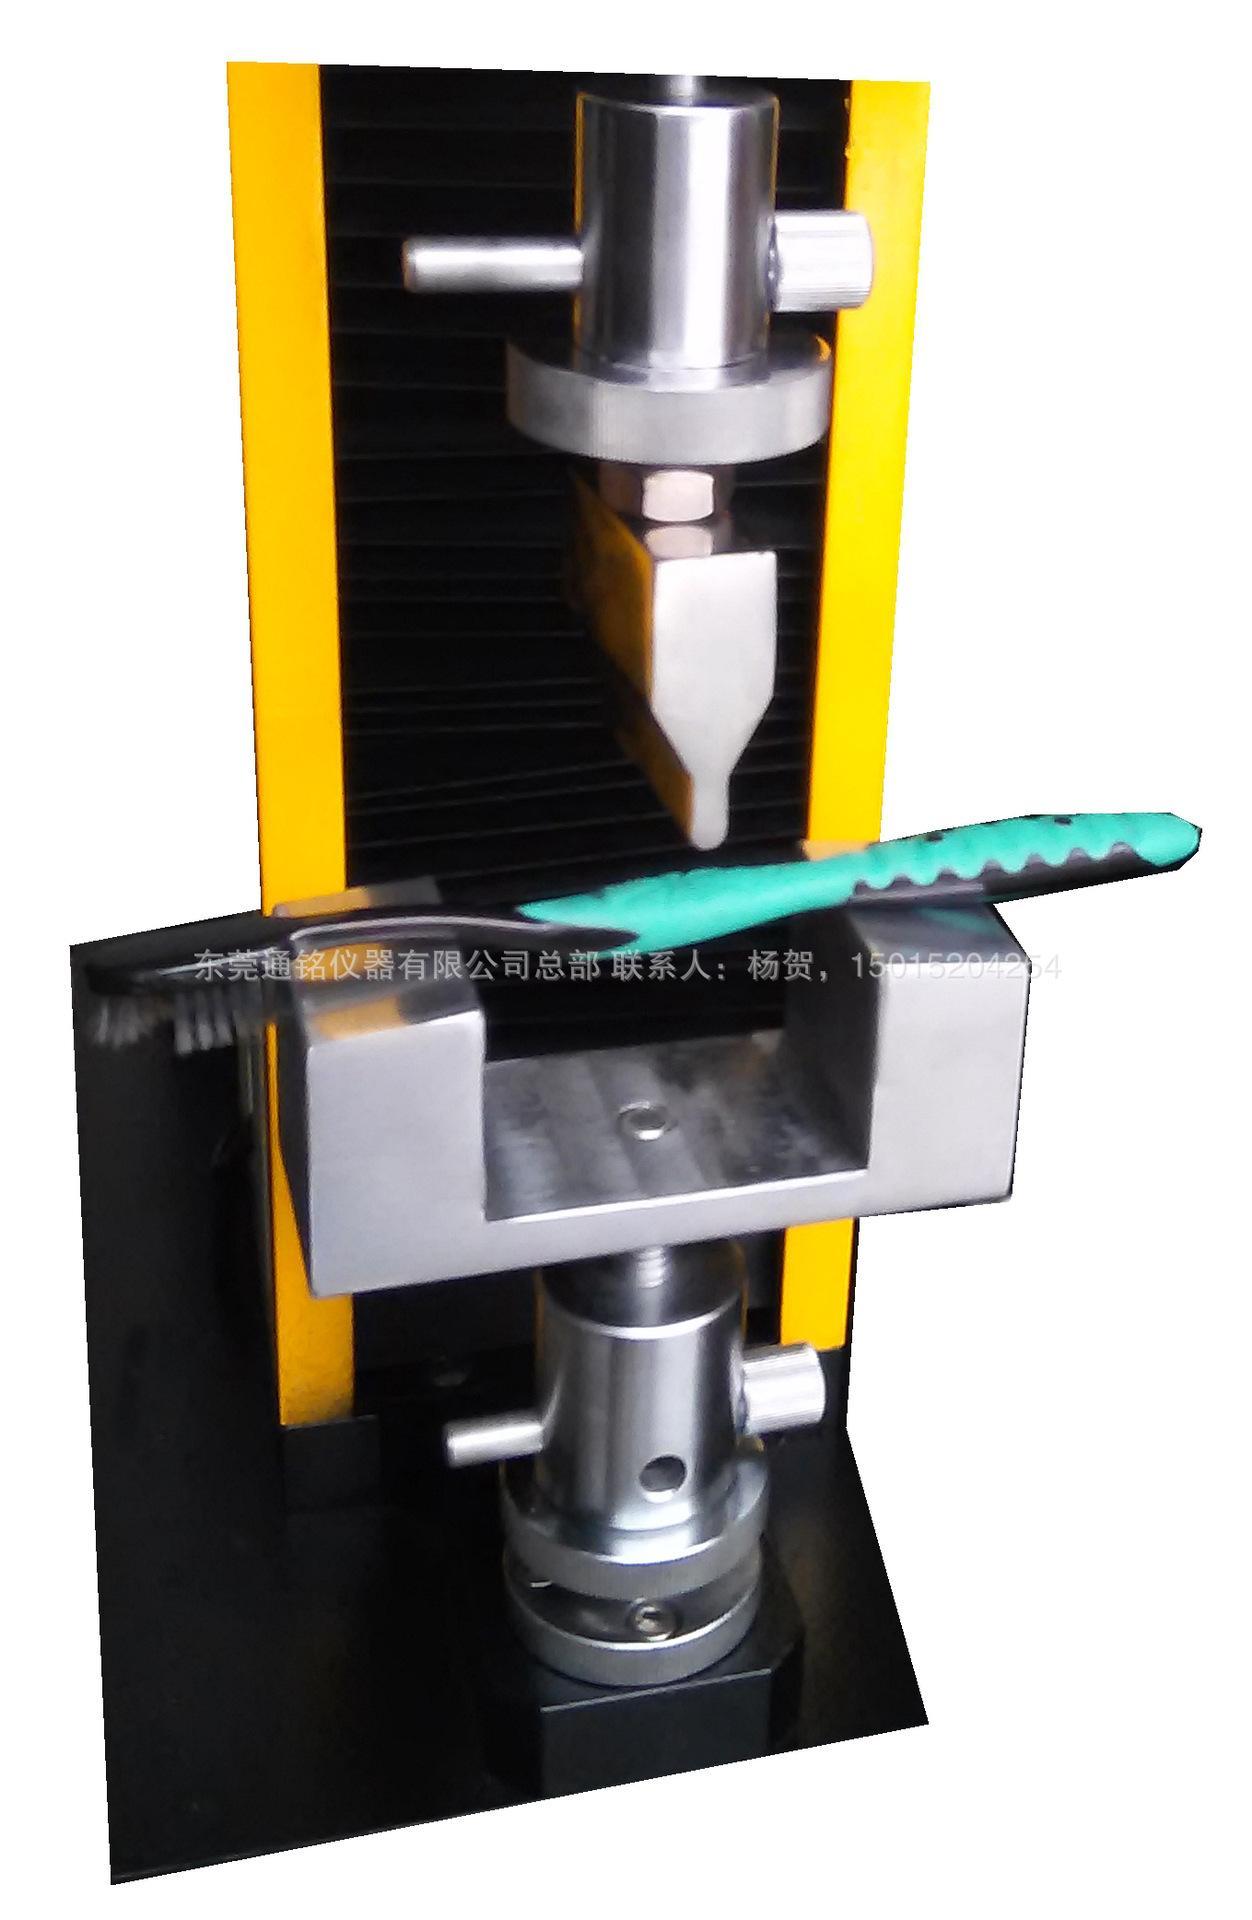 牙刷力學性能試驗機-綜合毛束拉力/柄部抗彎力頸部抗彎力ISO20126 3